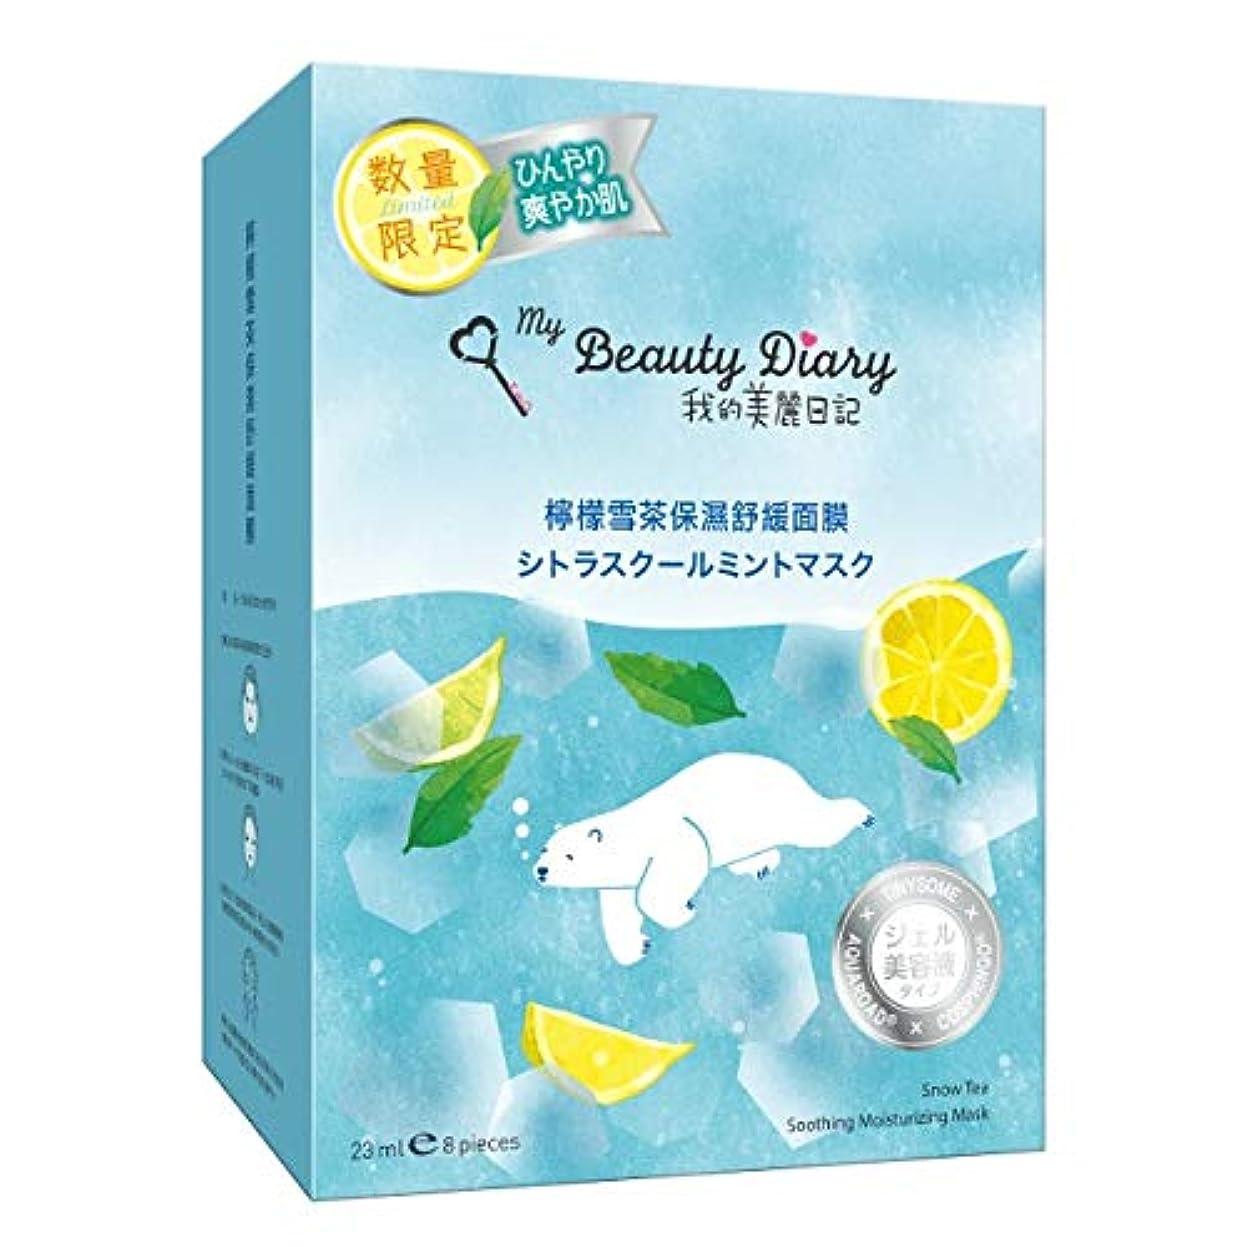 海漏れ伸ばす我的美麗日記(私のきれい日記) シトラスクールミントマスク 8枚入/我的美麗日記 檸檬雪茶保濕舒緩面膜 8枚入